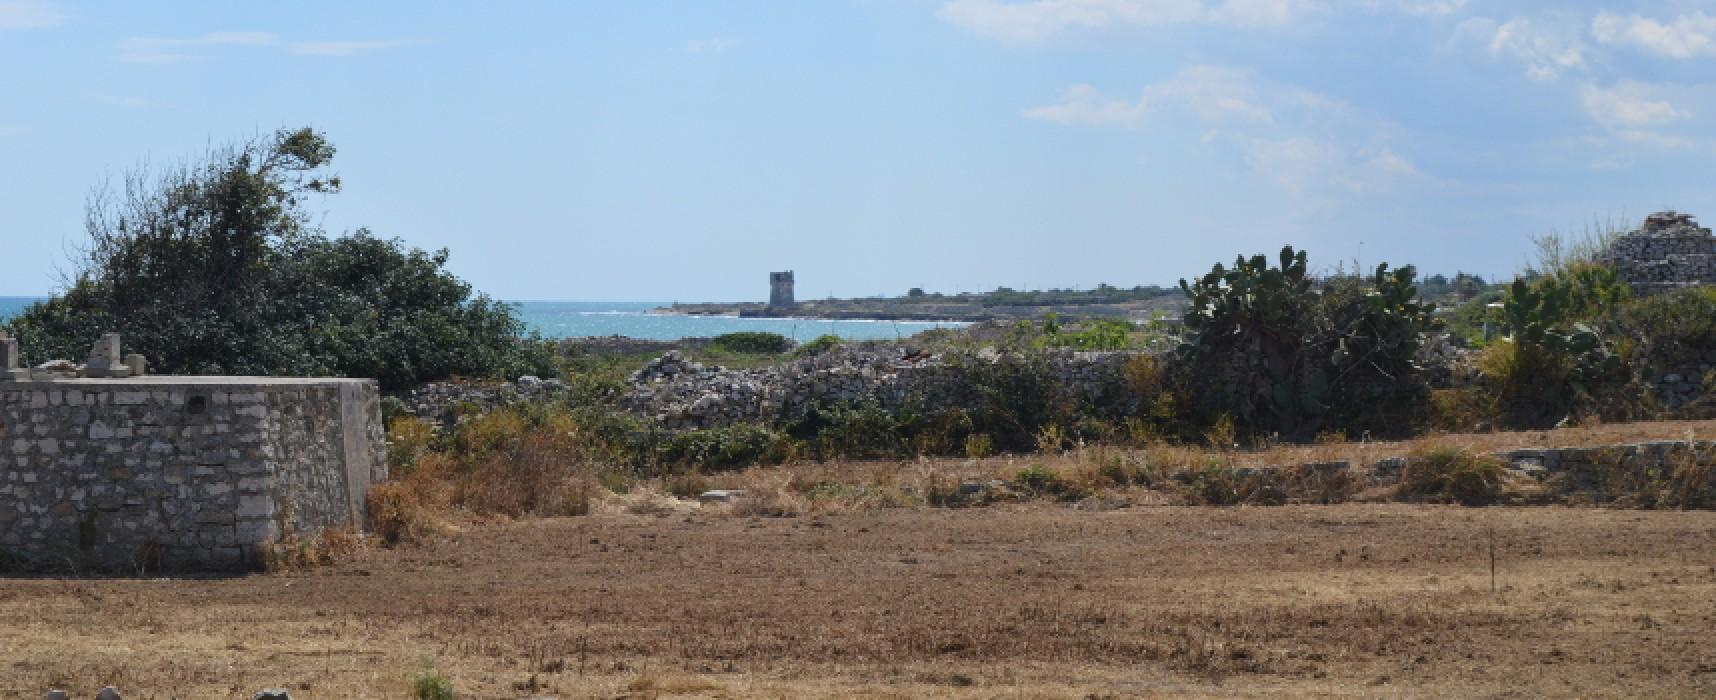 Torre Calderina sarà zona marina protetta, arrivato stamane l'ok dal Ministero dell'Ambiente